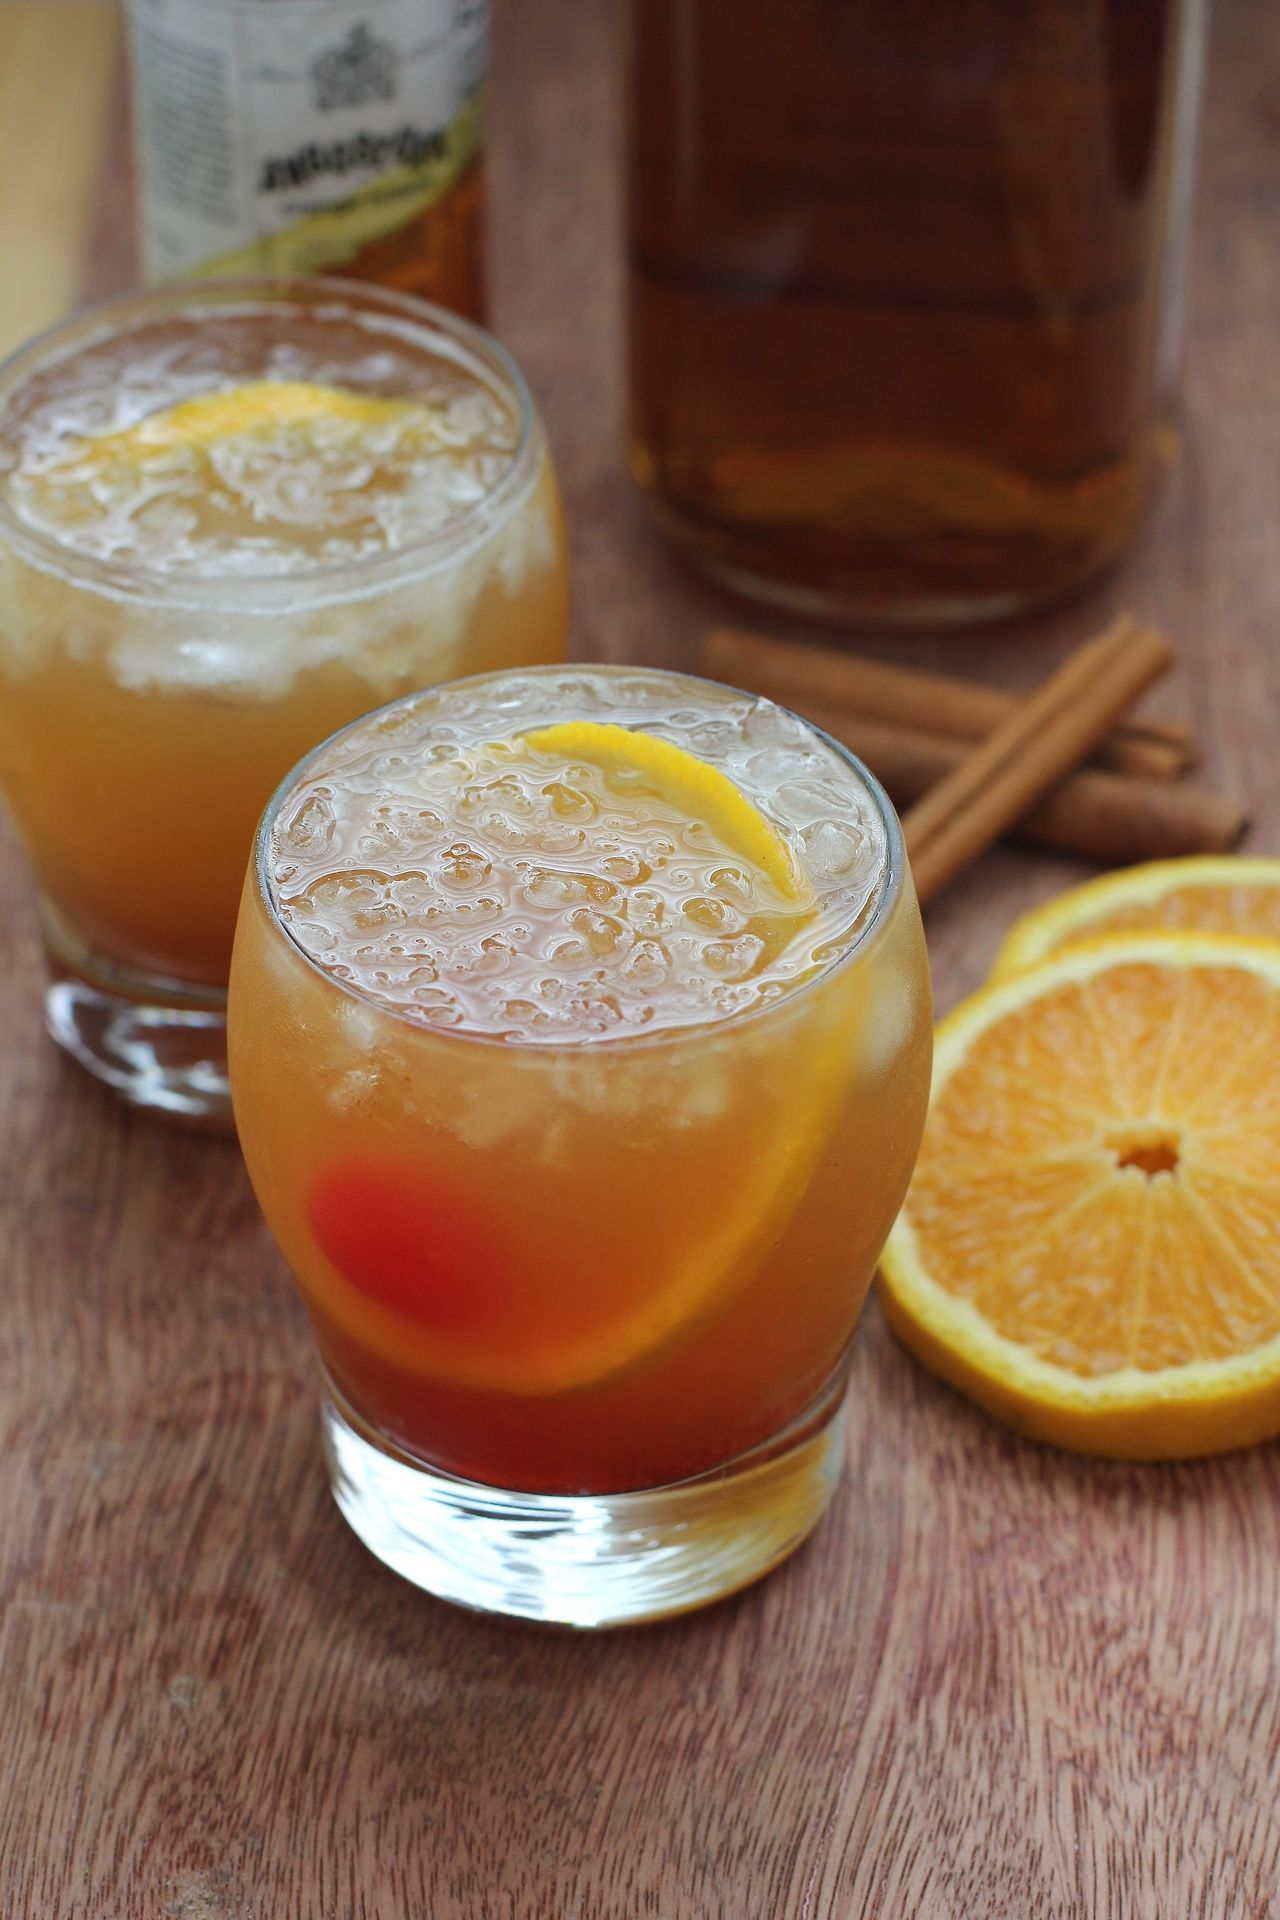 Autumn Orange : Shake with ice 1oz Kahlua, 1oz Amaretto, 1